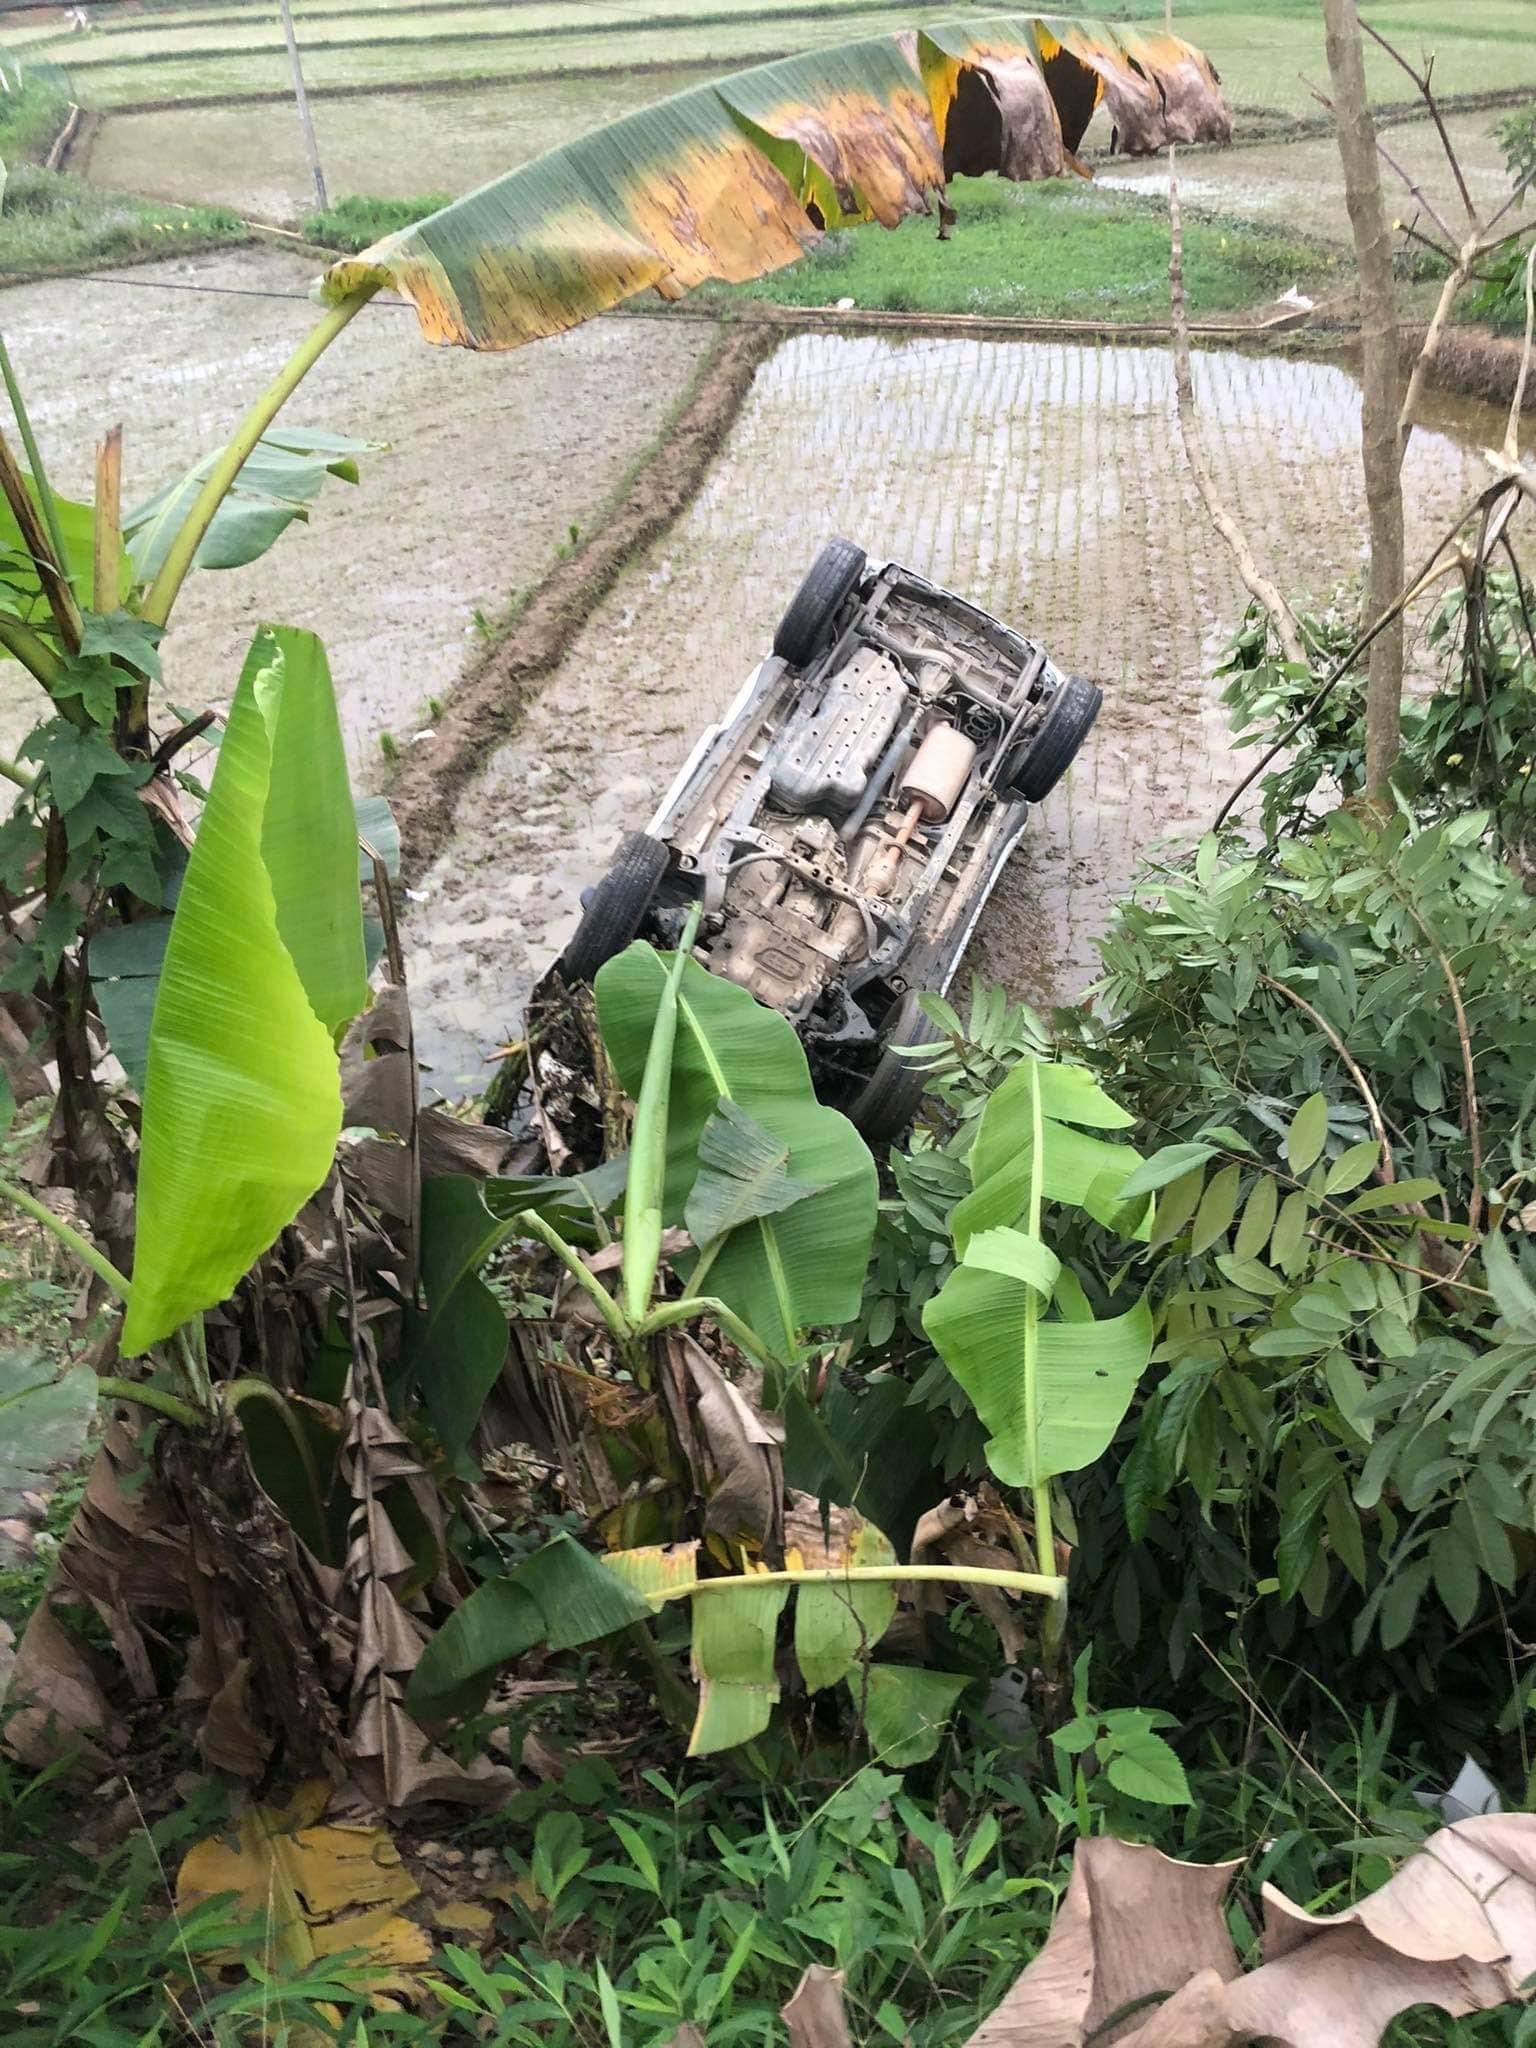 Xe cứu thương lật ngửa dưới ruộng, bệnh nhân đeo bình oxy đi gột bùn